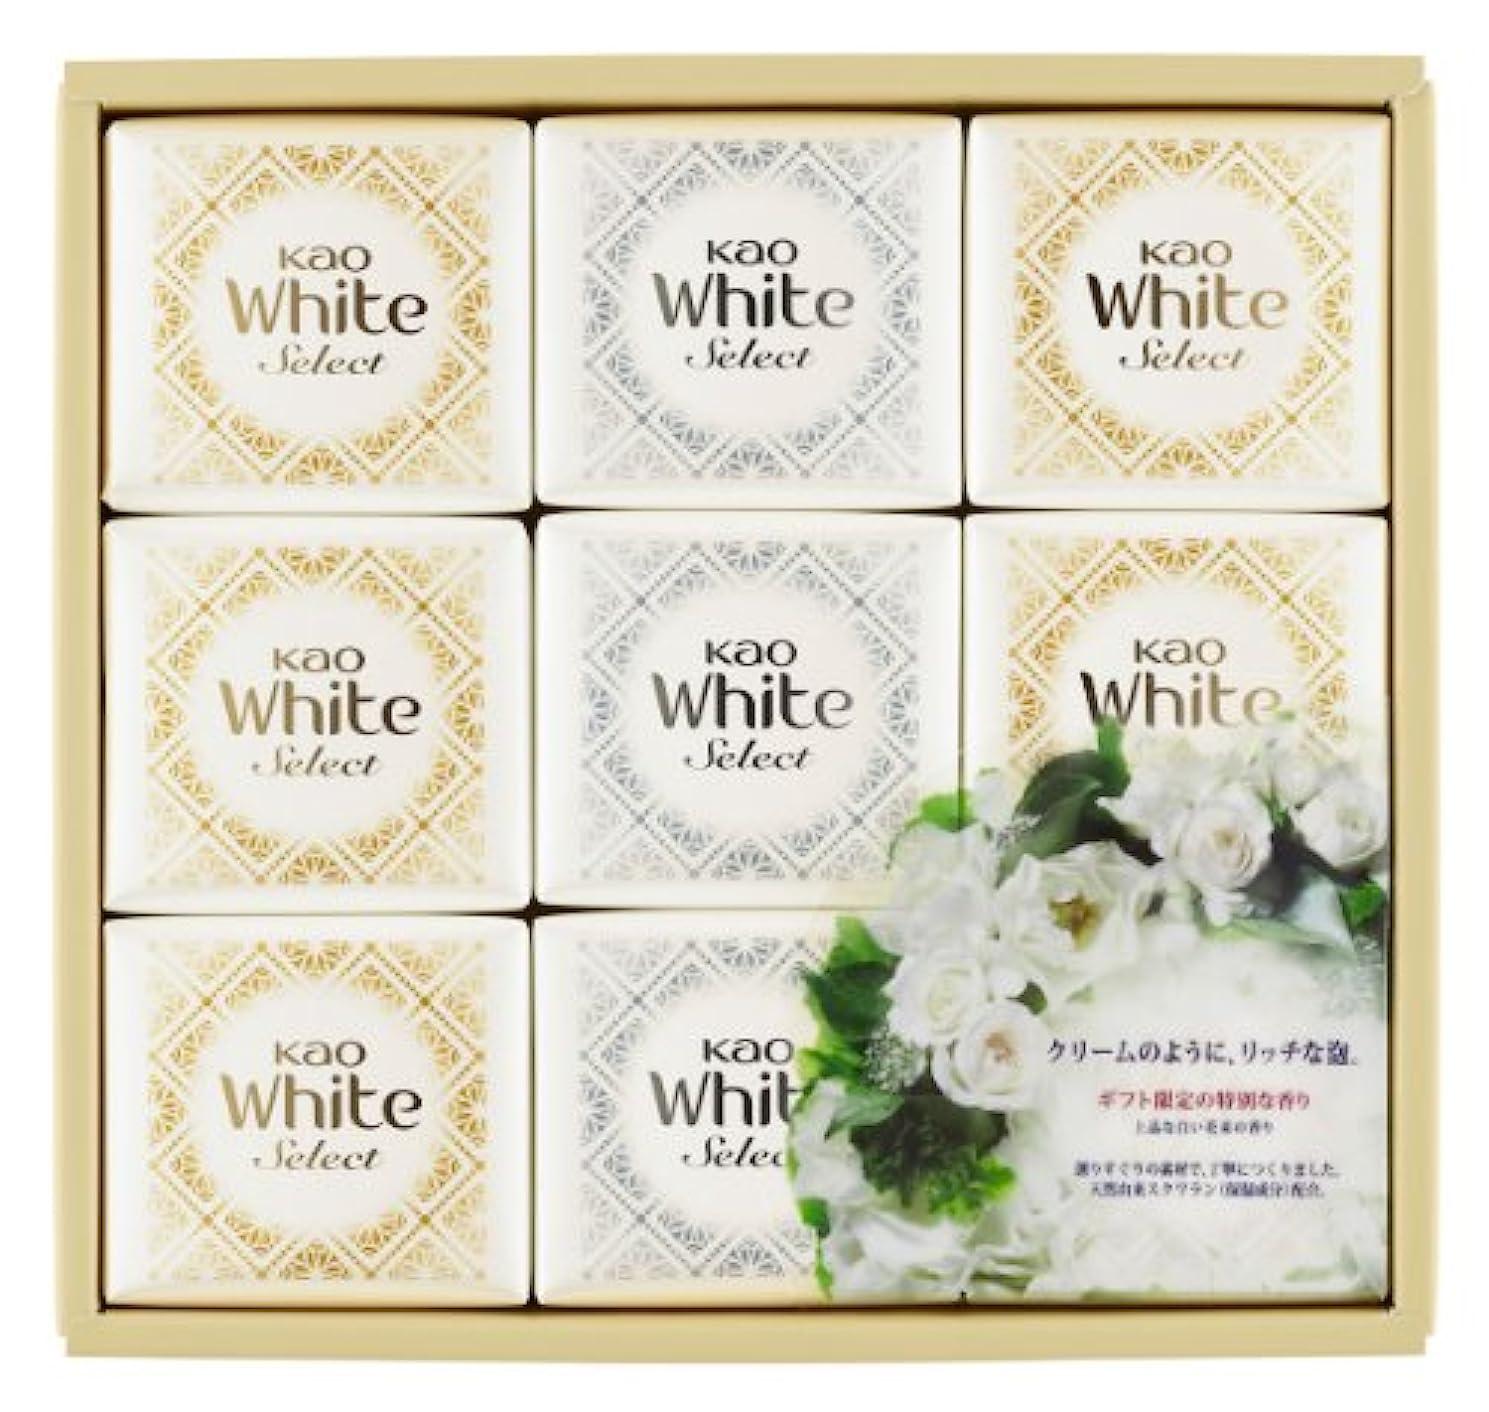 タイル図書館野望花王ホワイト セレクト 上品な白い花束の香り 85g 9コ K?WS-15